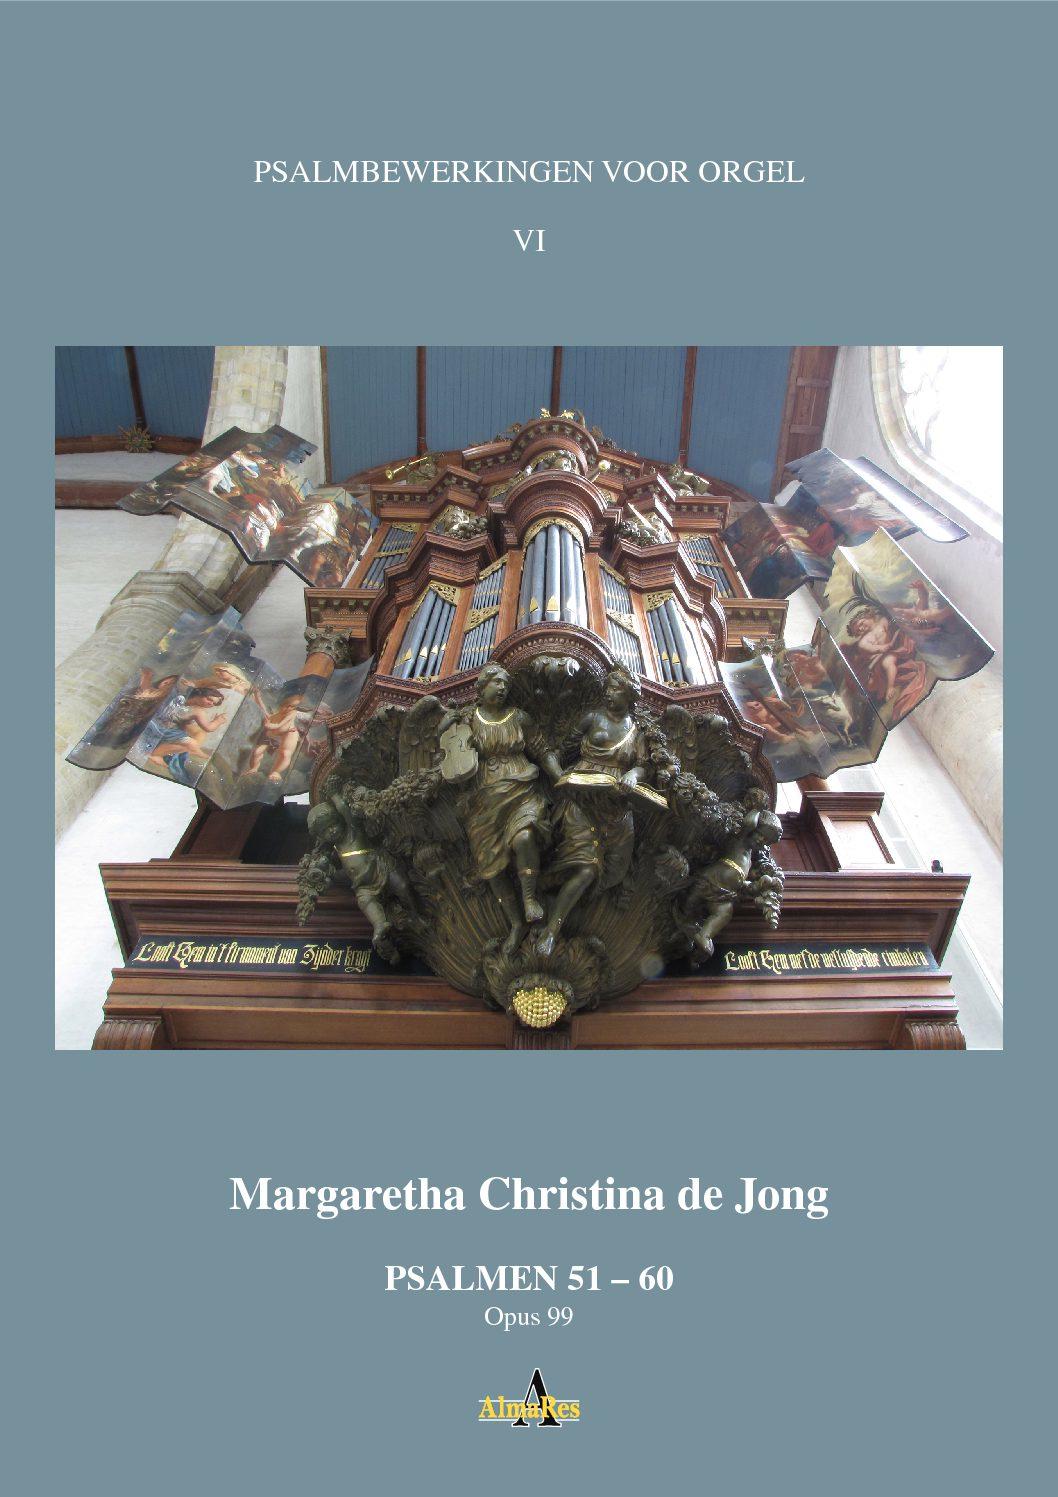 Psalmbewerkingen voor Orgel VI